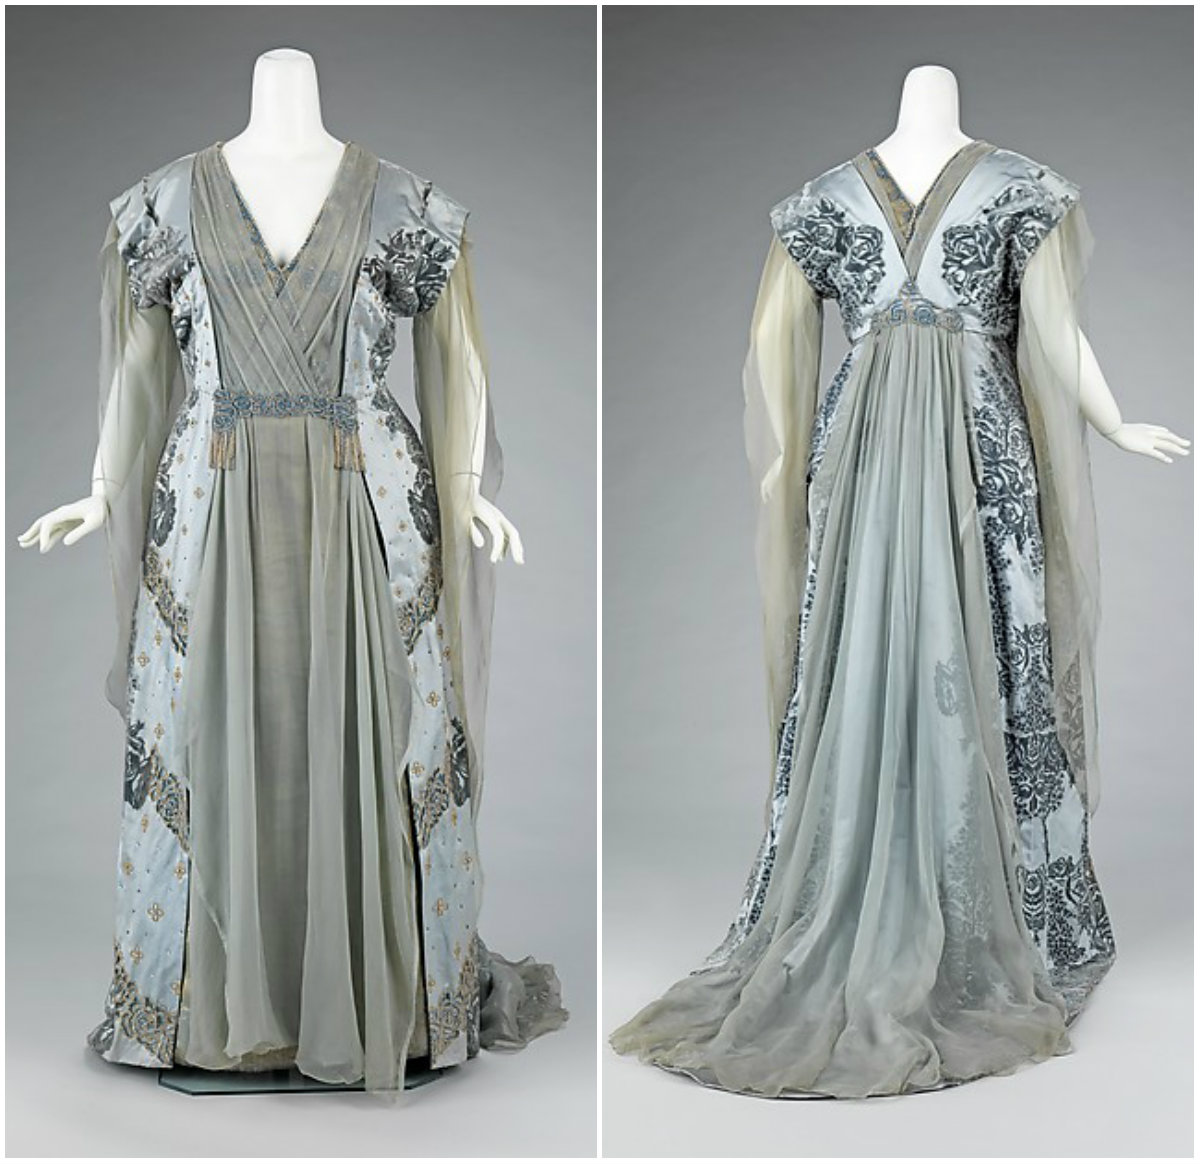 1910. Tea Gown. Silk, rhinestones, metal. metmuseum